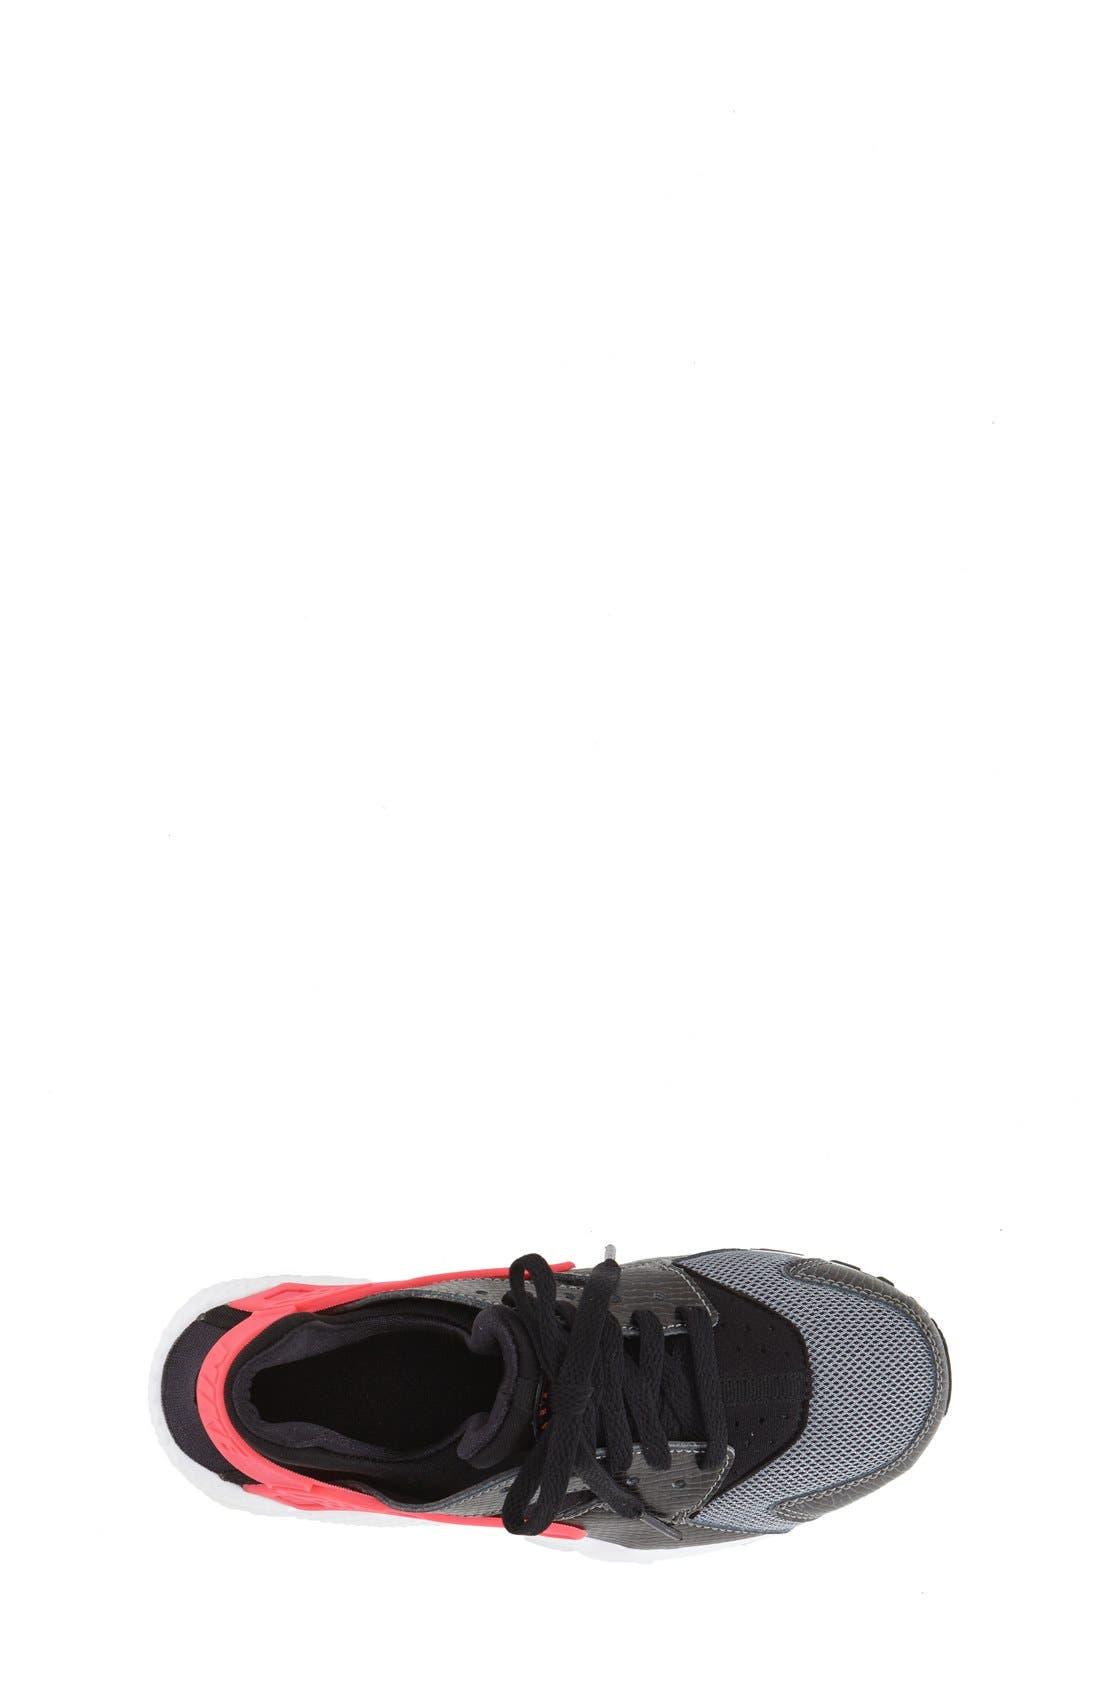 NIKE,                             'Huarache' Sneaker,                             Alternate thumbnail 4, color,                             010